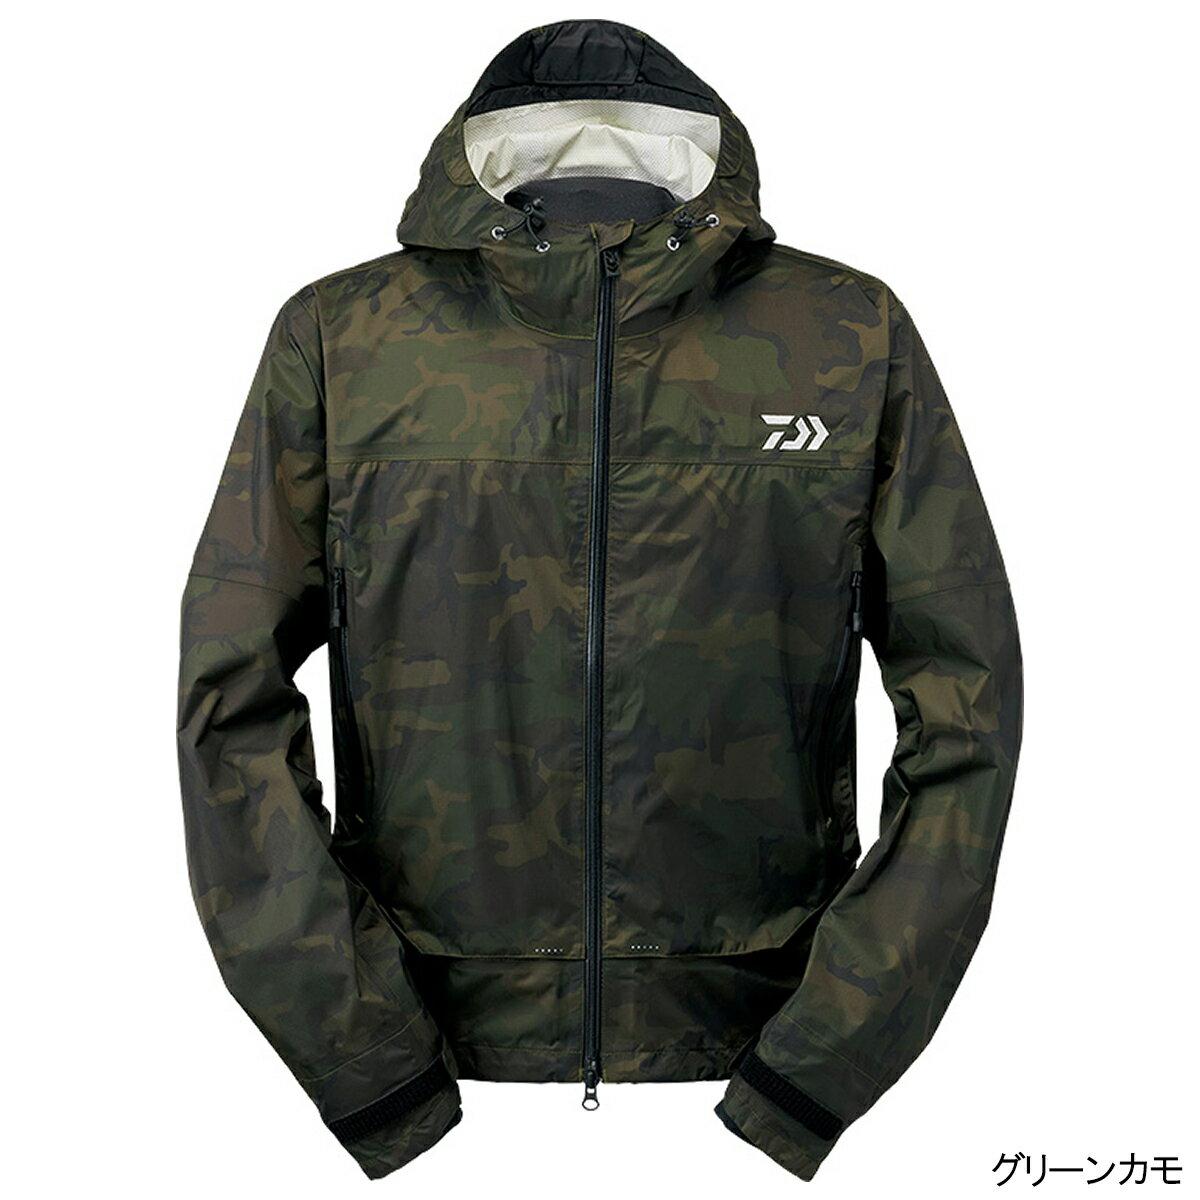 ダイワ レインマックス ショートレインジャケット DR-39009J 2XL グリーンカモ【送料無料】